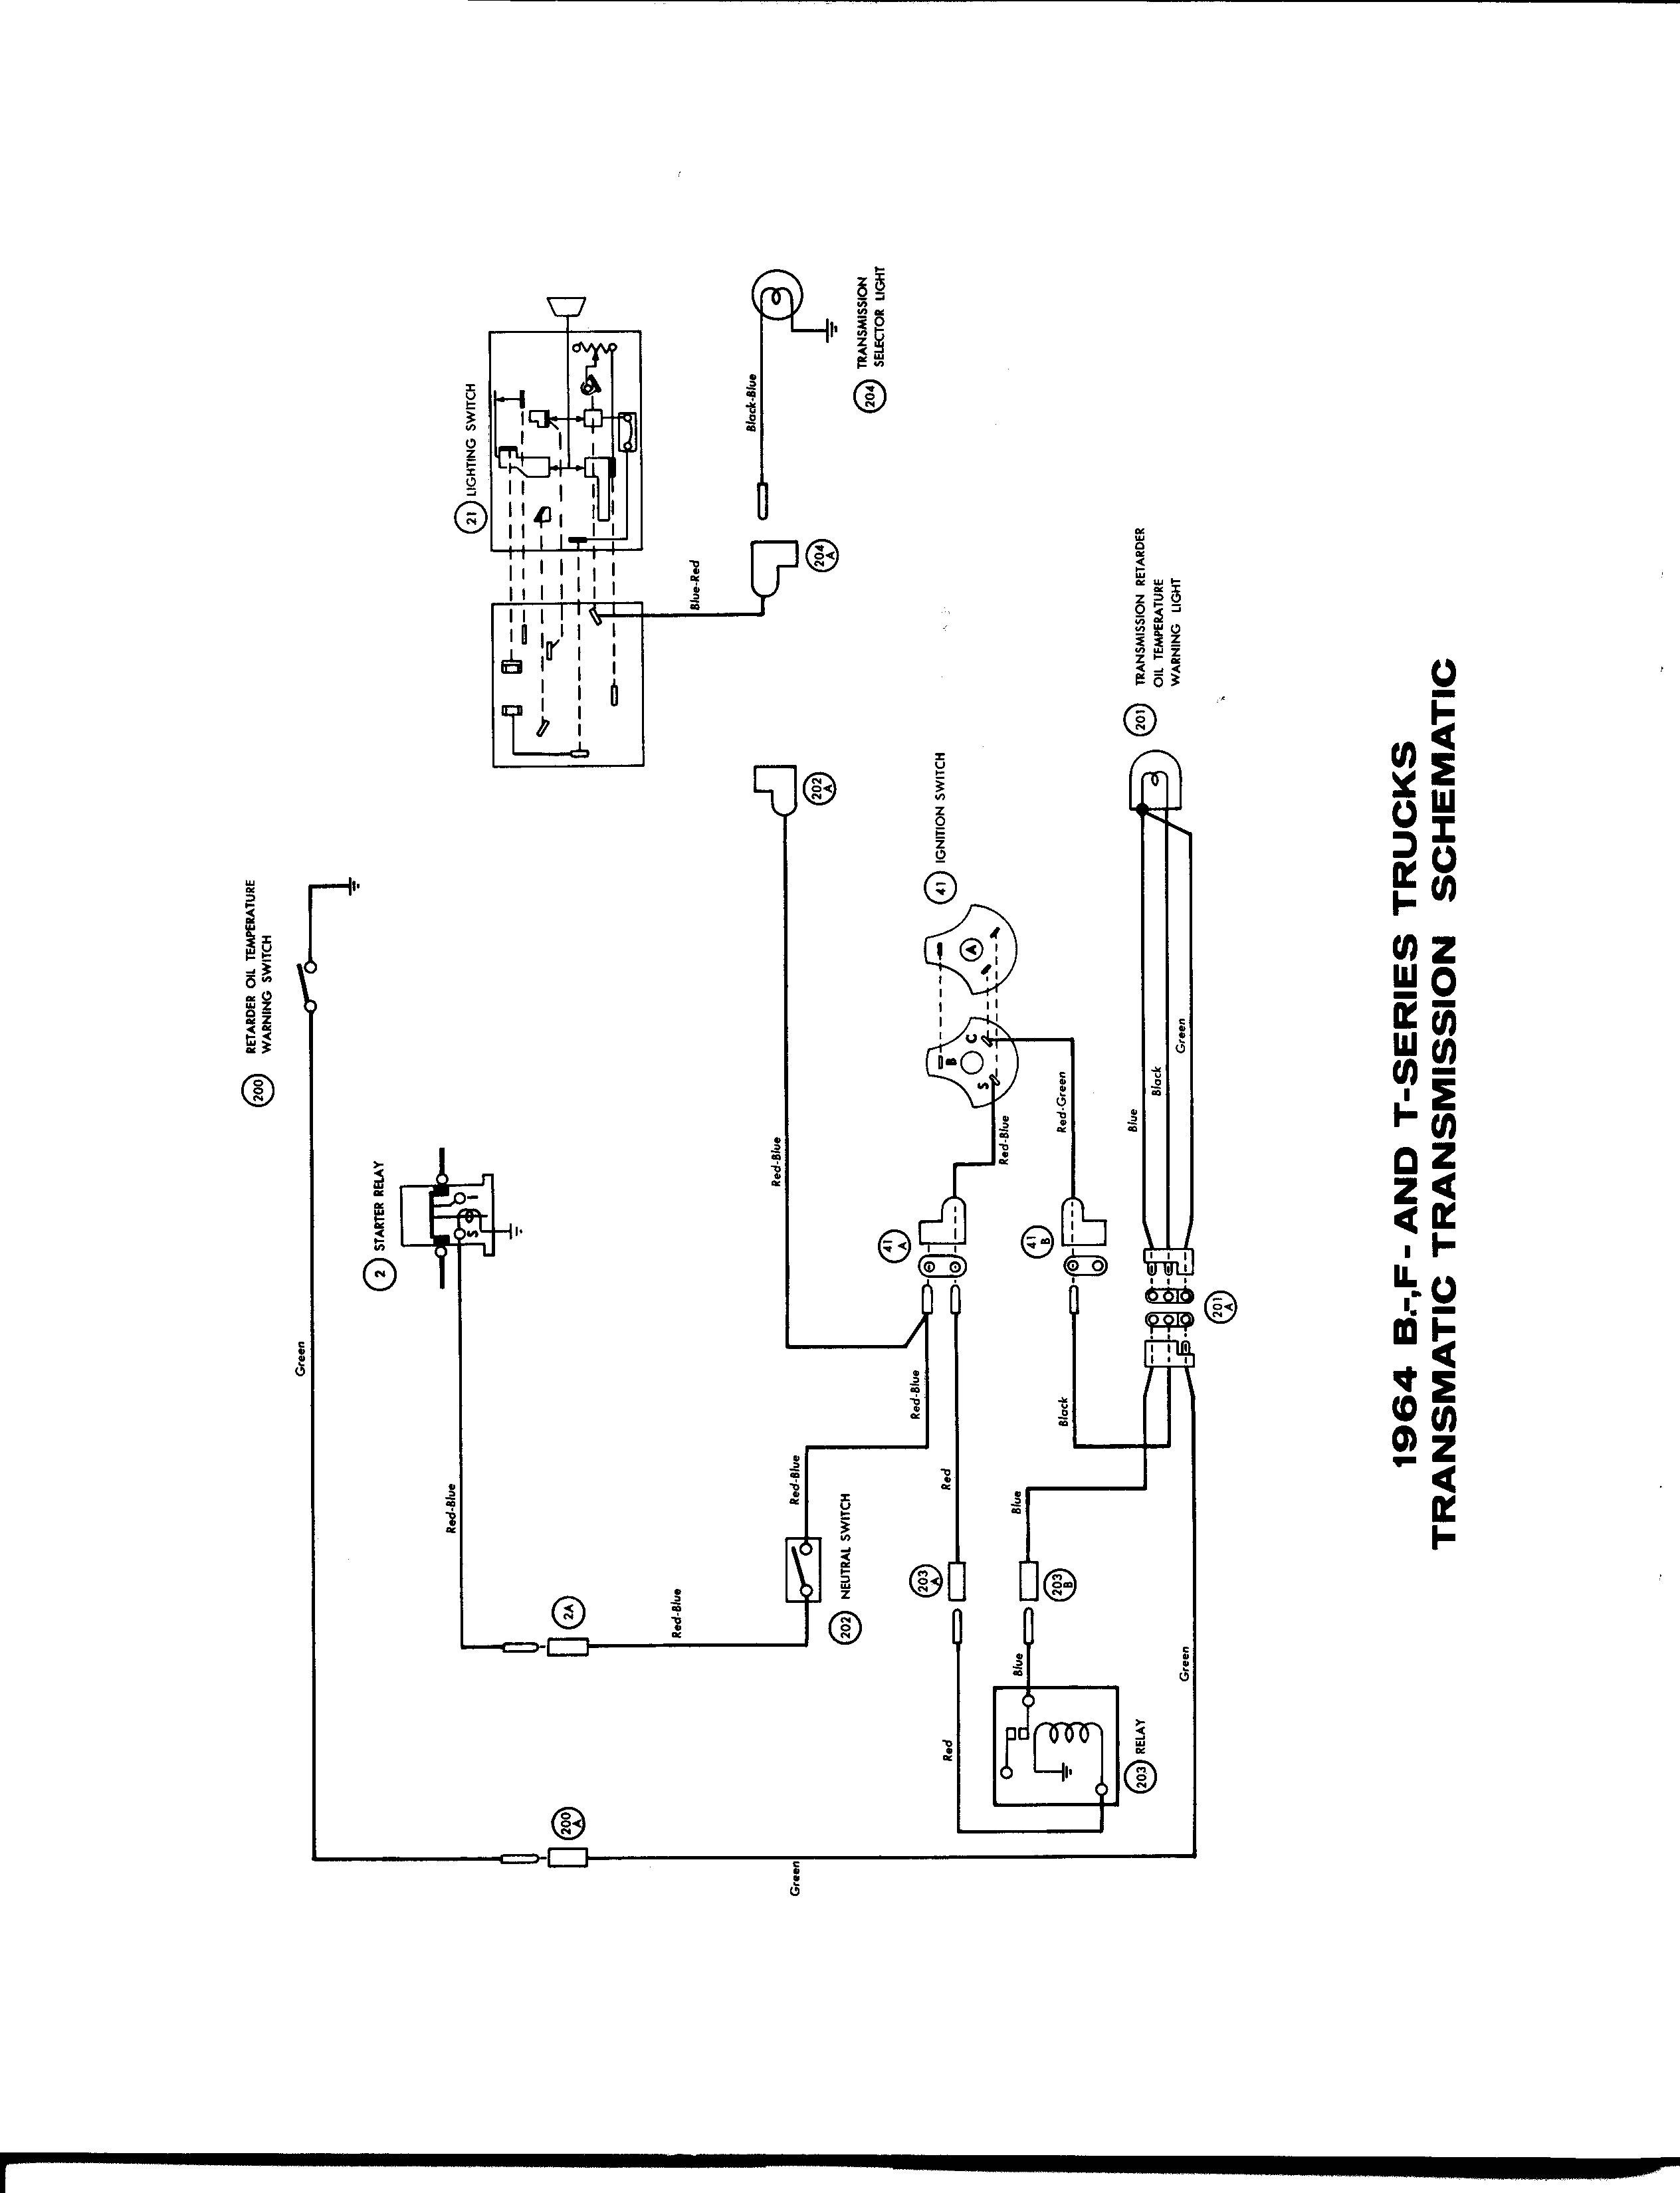 1977 corvette diagram tilt telescopic horn